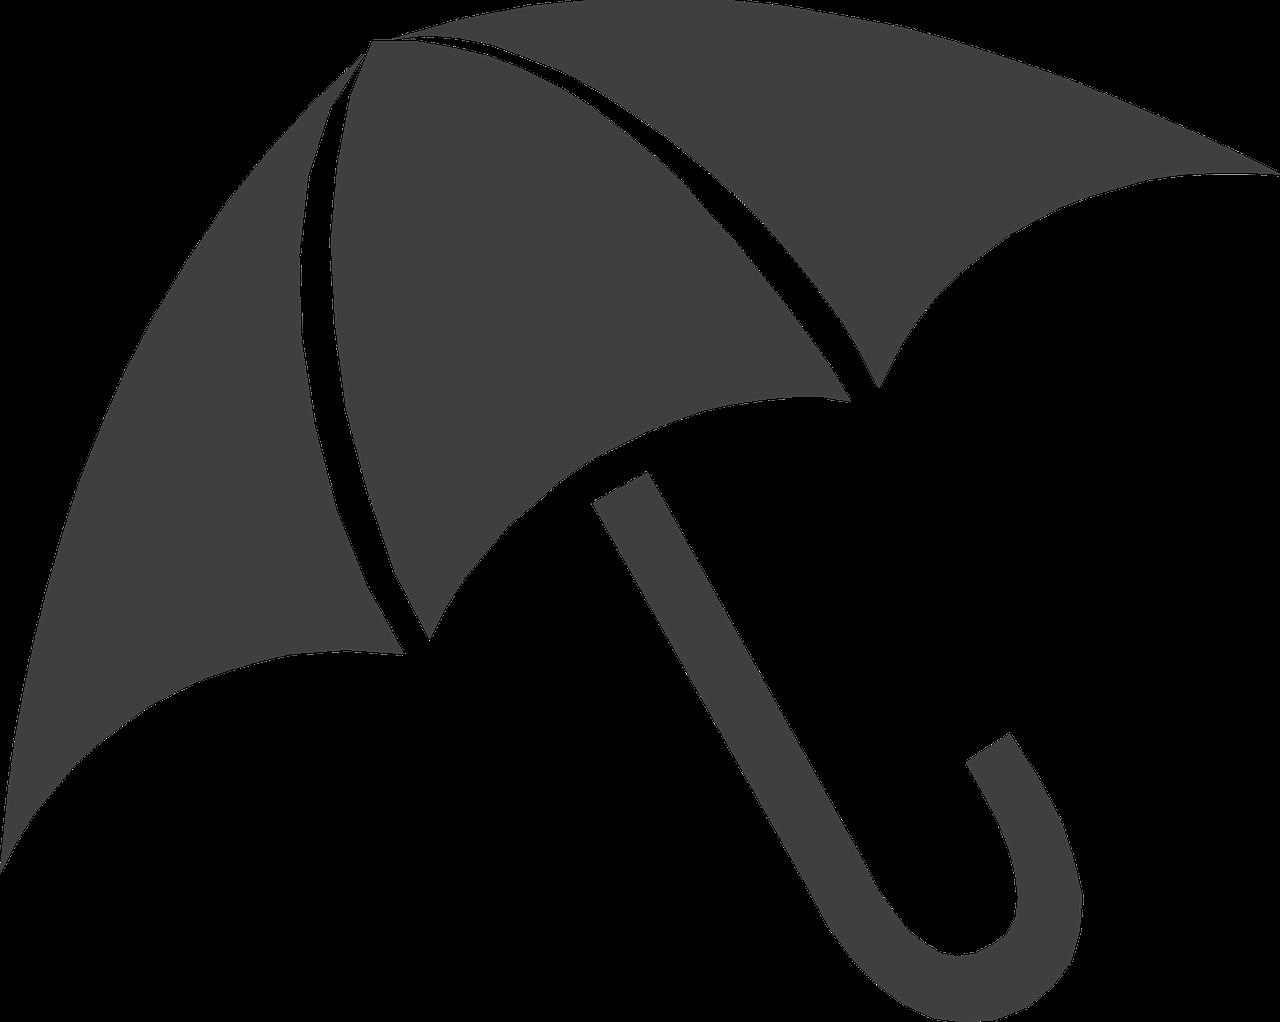 Wet clipart wet umbrella. Free image on pixabay